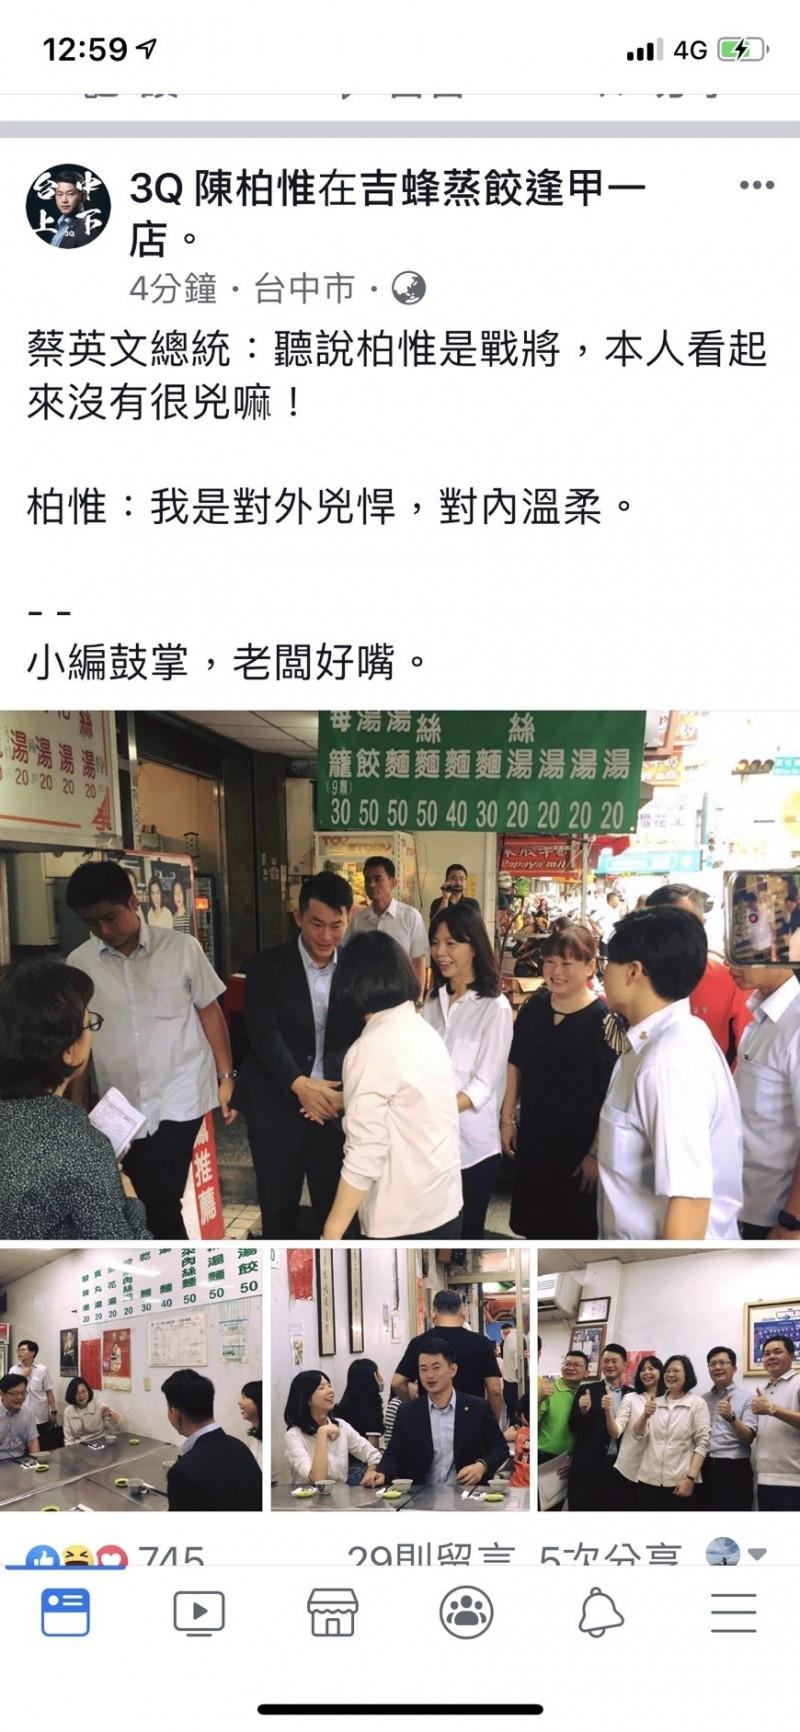 陳柏惟在臉書PO與小英在逢甲吃小吃的照片。(記者蘇金鳳翻攝)